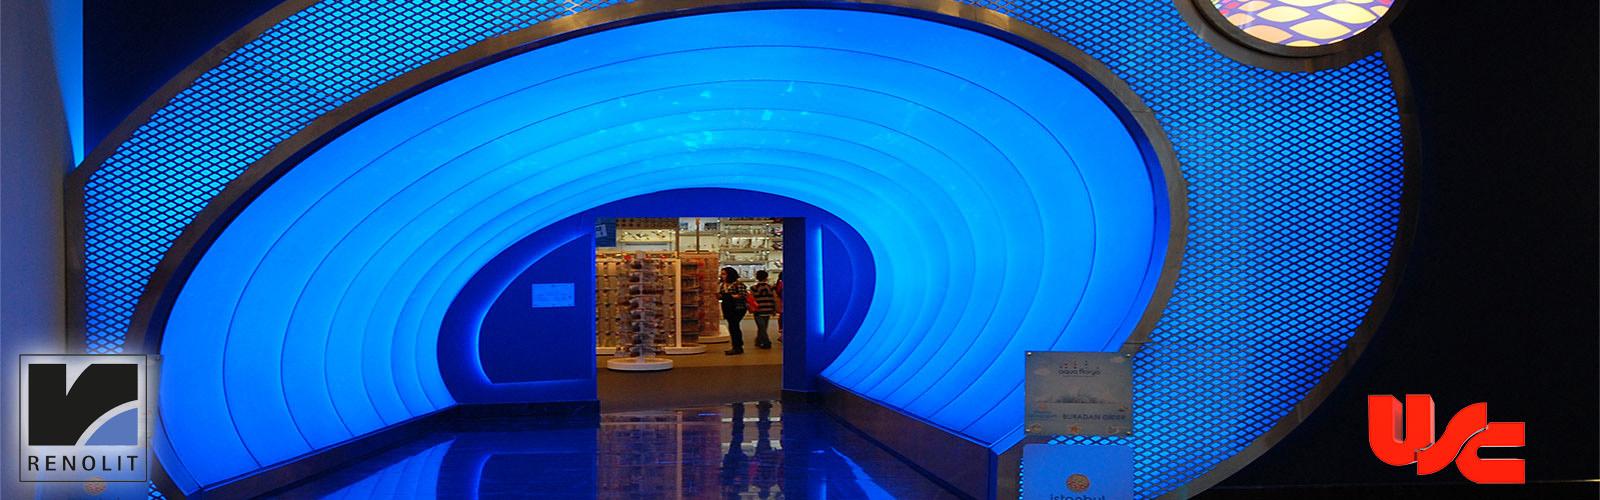 Aqua Florya AVM Tünel Geçişi